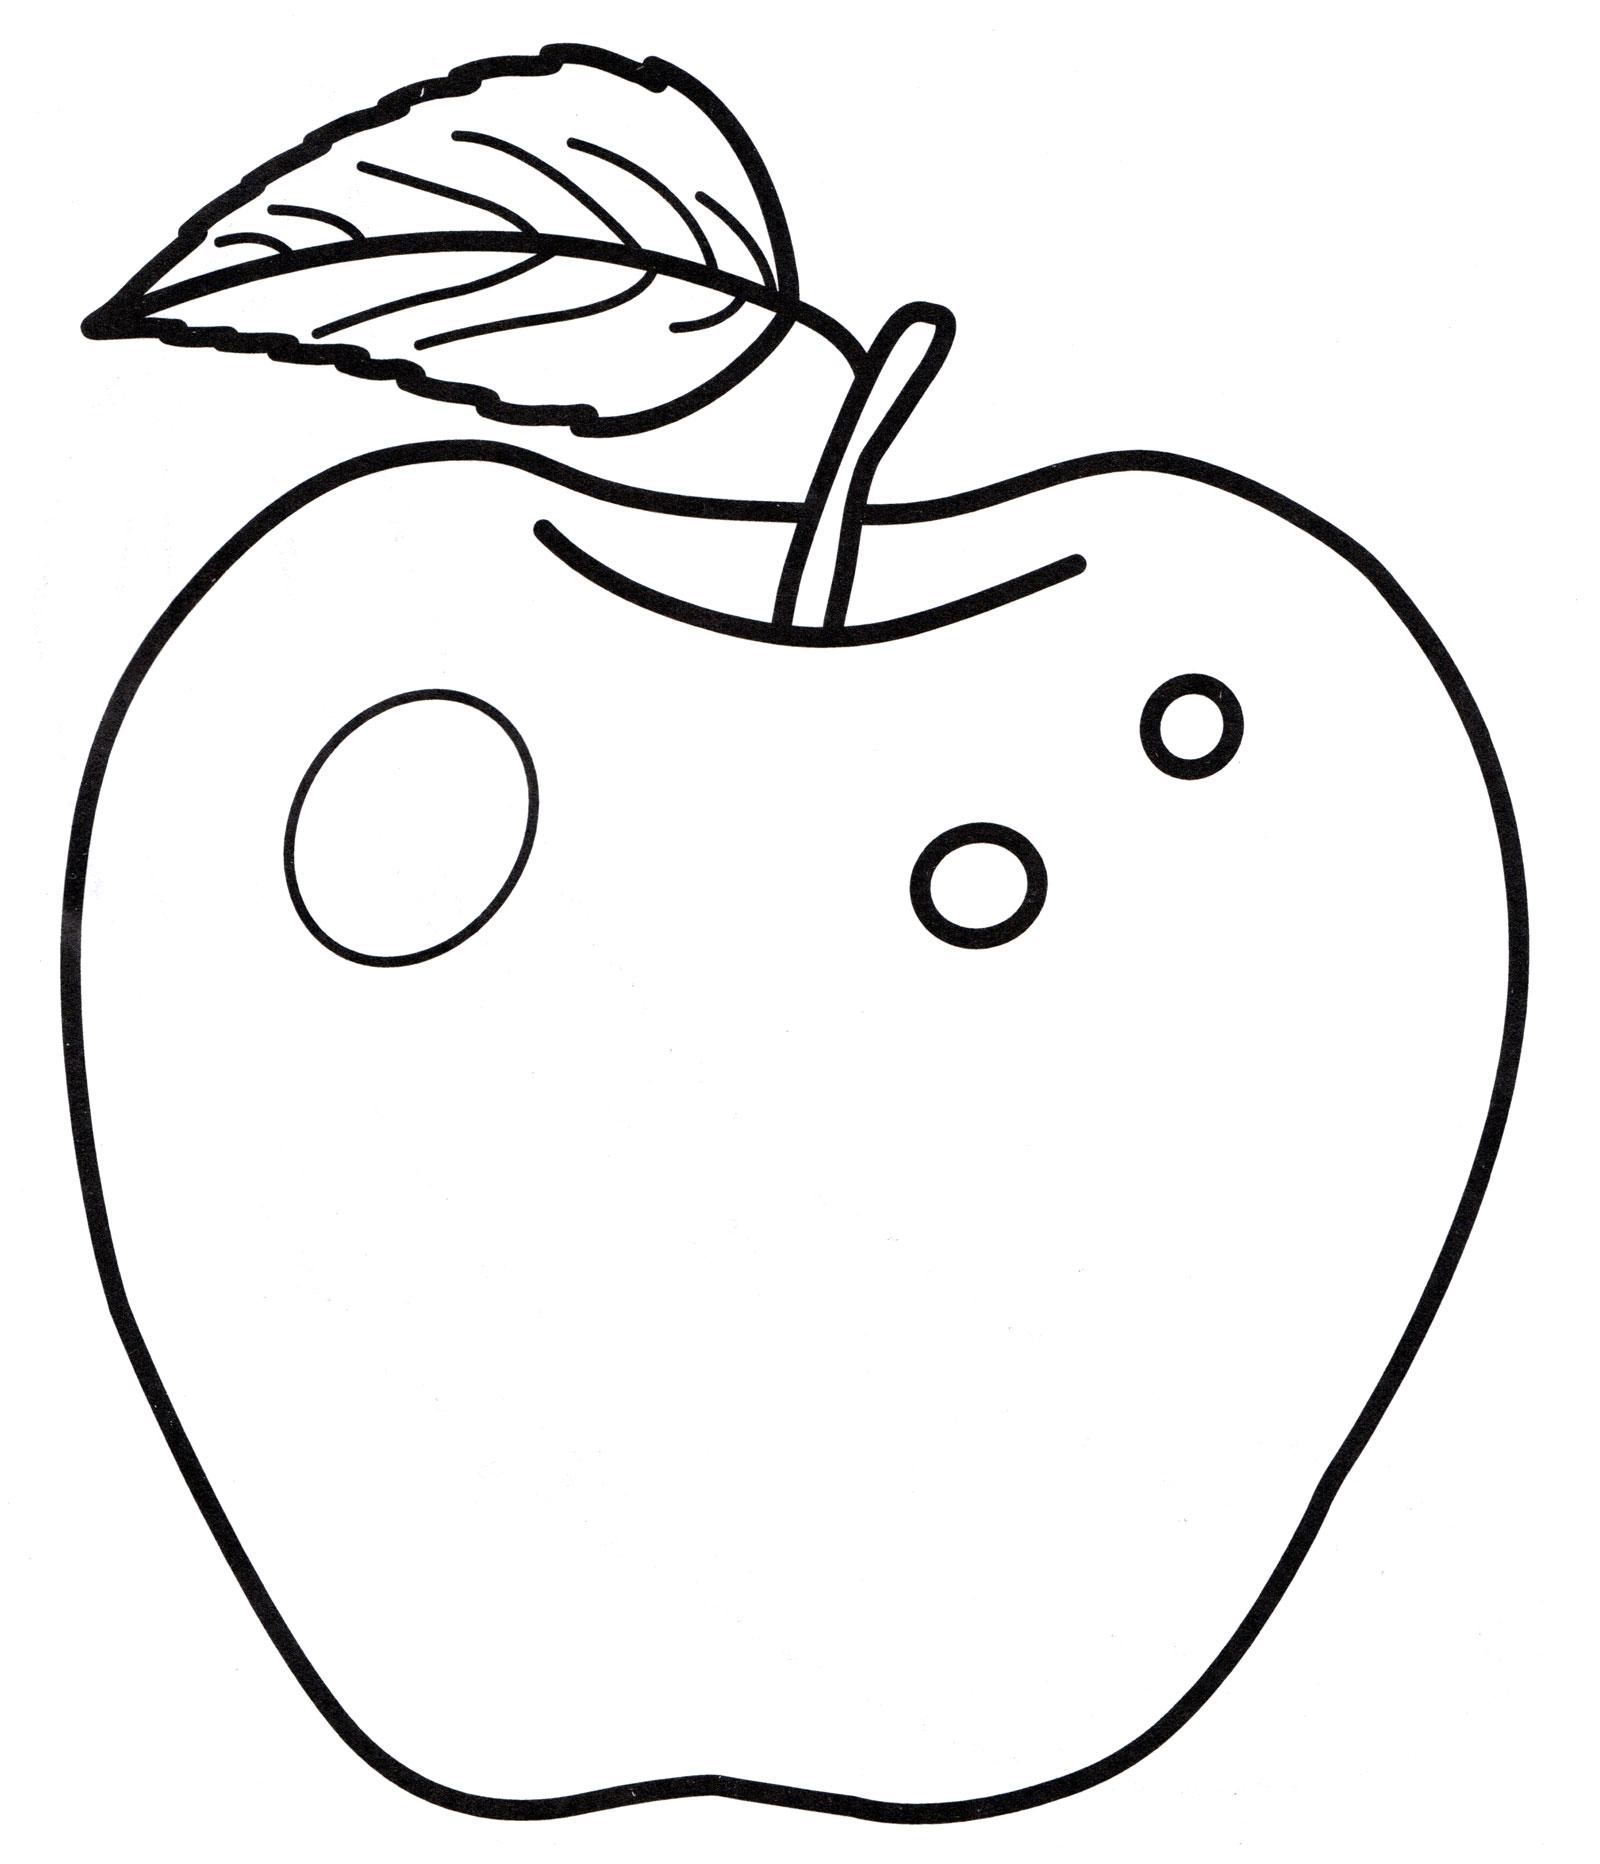 Раскраска Сочное яблоко с листочком - распечатать бесплатно